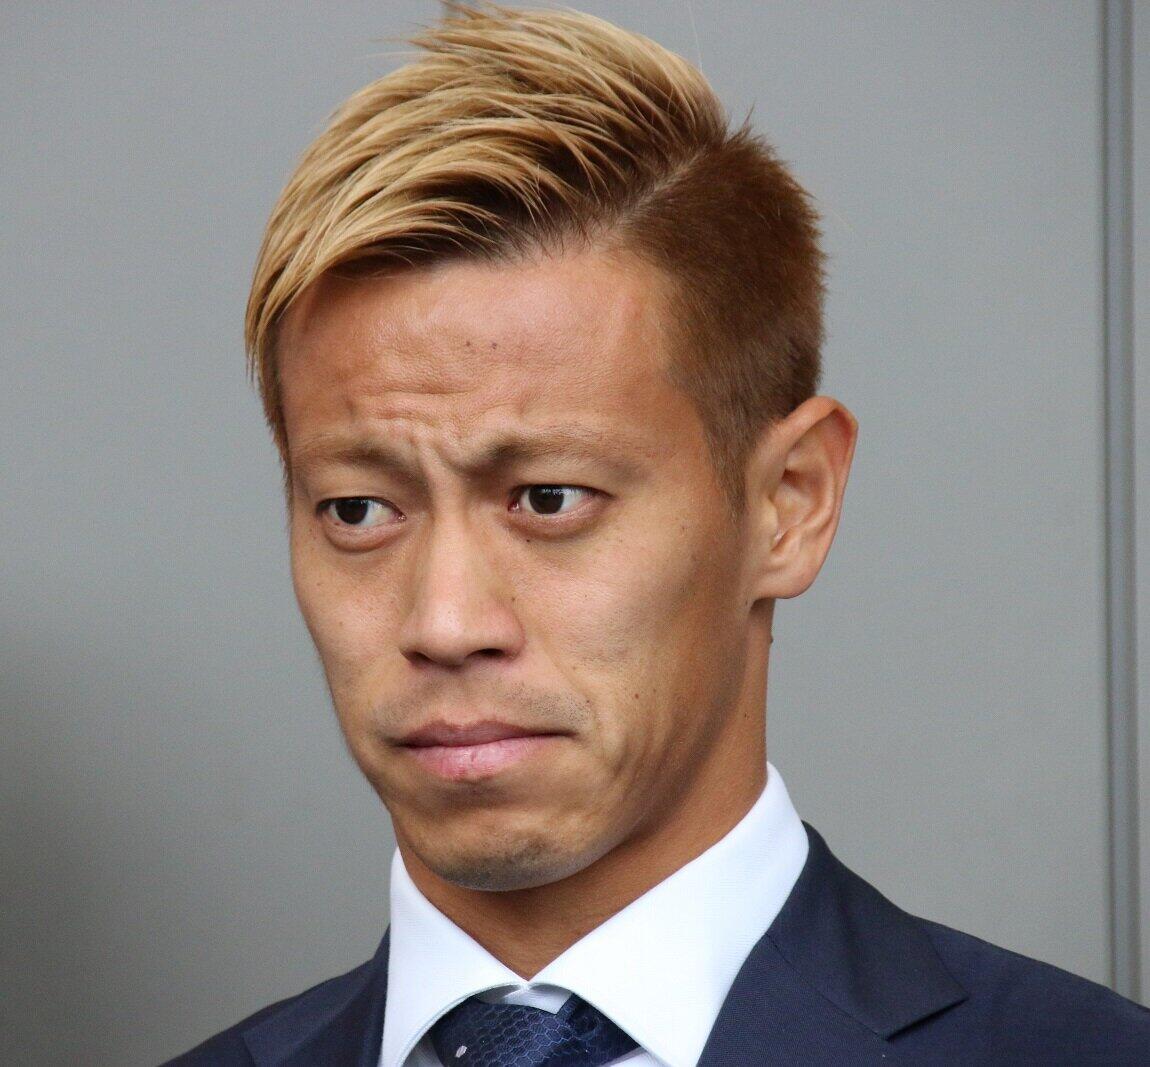 「本田圭佑コーチ」に直接質問できるチャンス! 限定12人、ガッツリ双方向生配信で「挑戦」後押し